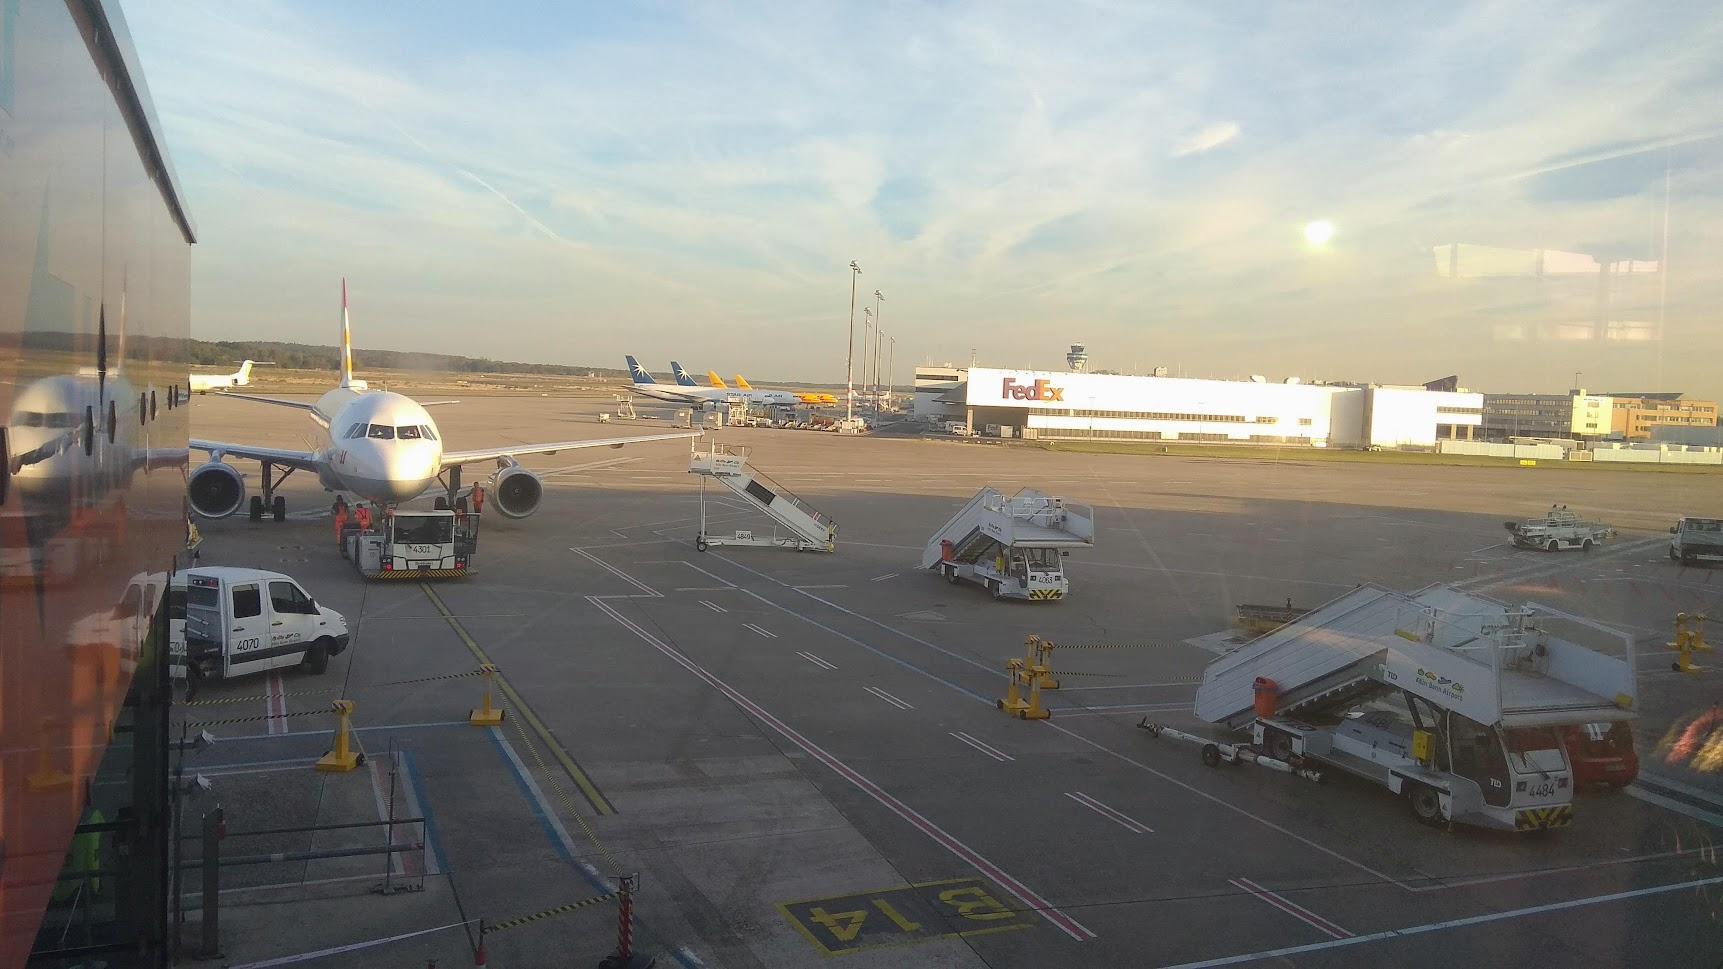 Bonn - letiště, které jsem opravdu vidět nechtěli...